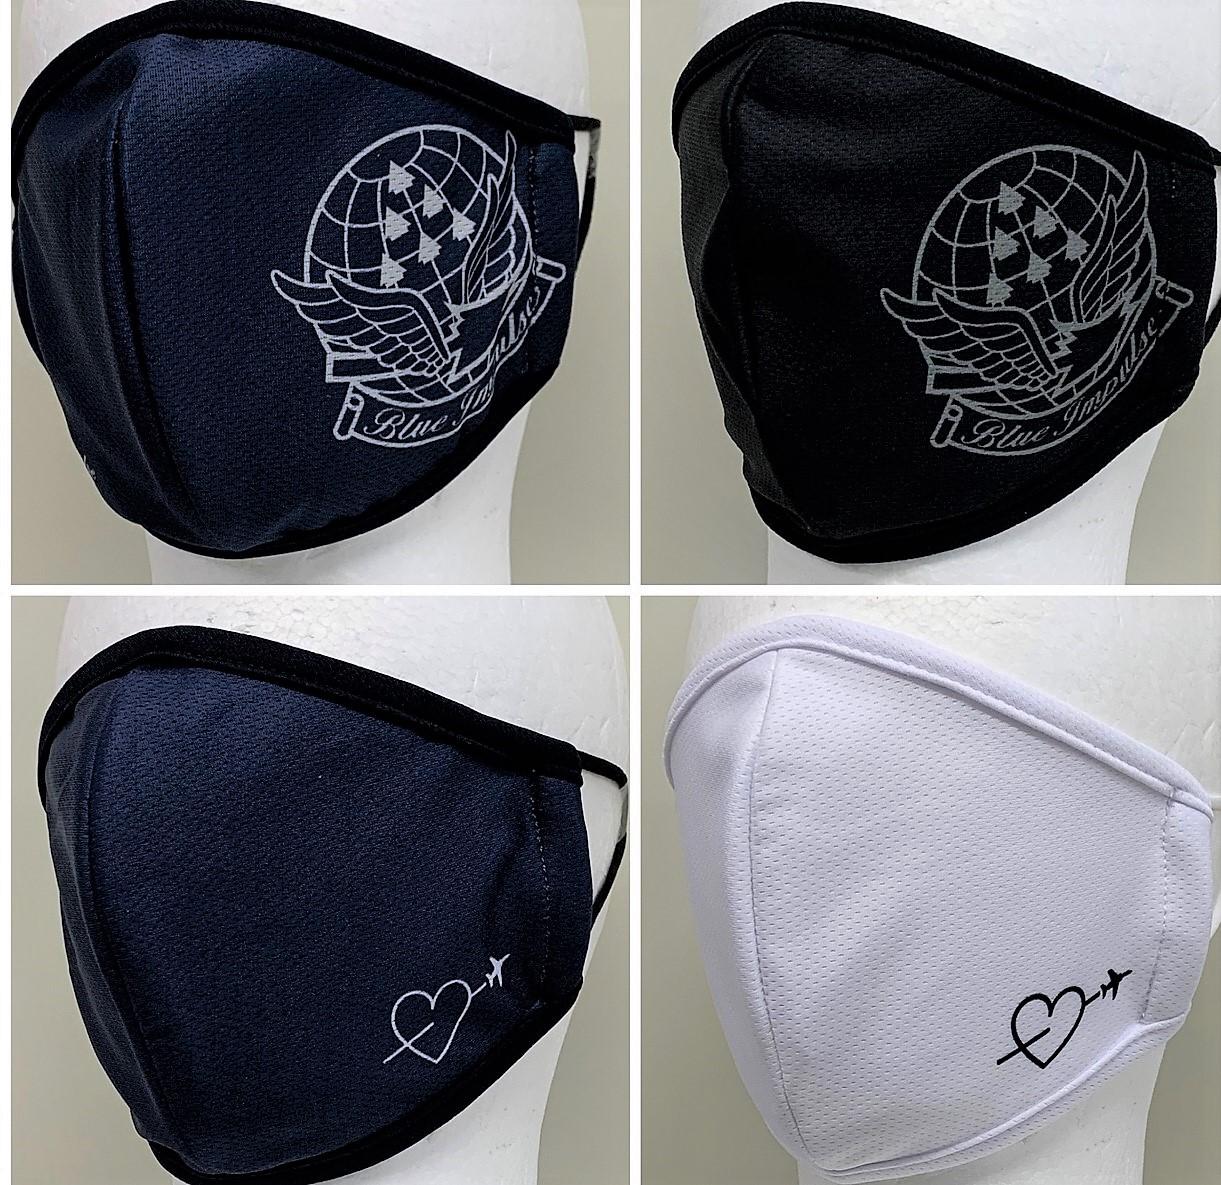 自衛隊グッズ ブルーインパルス・ファッションマスク 4種